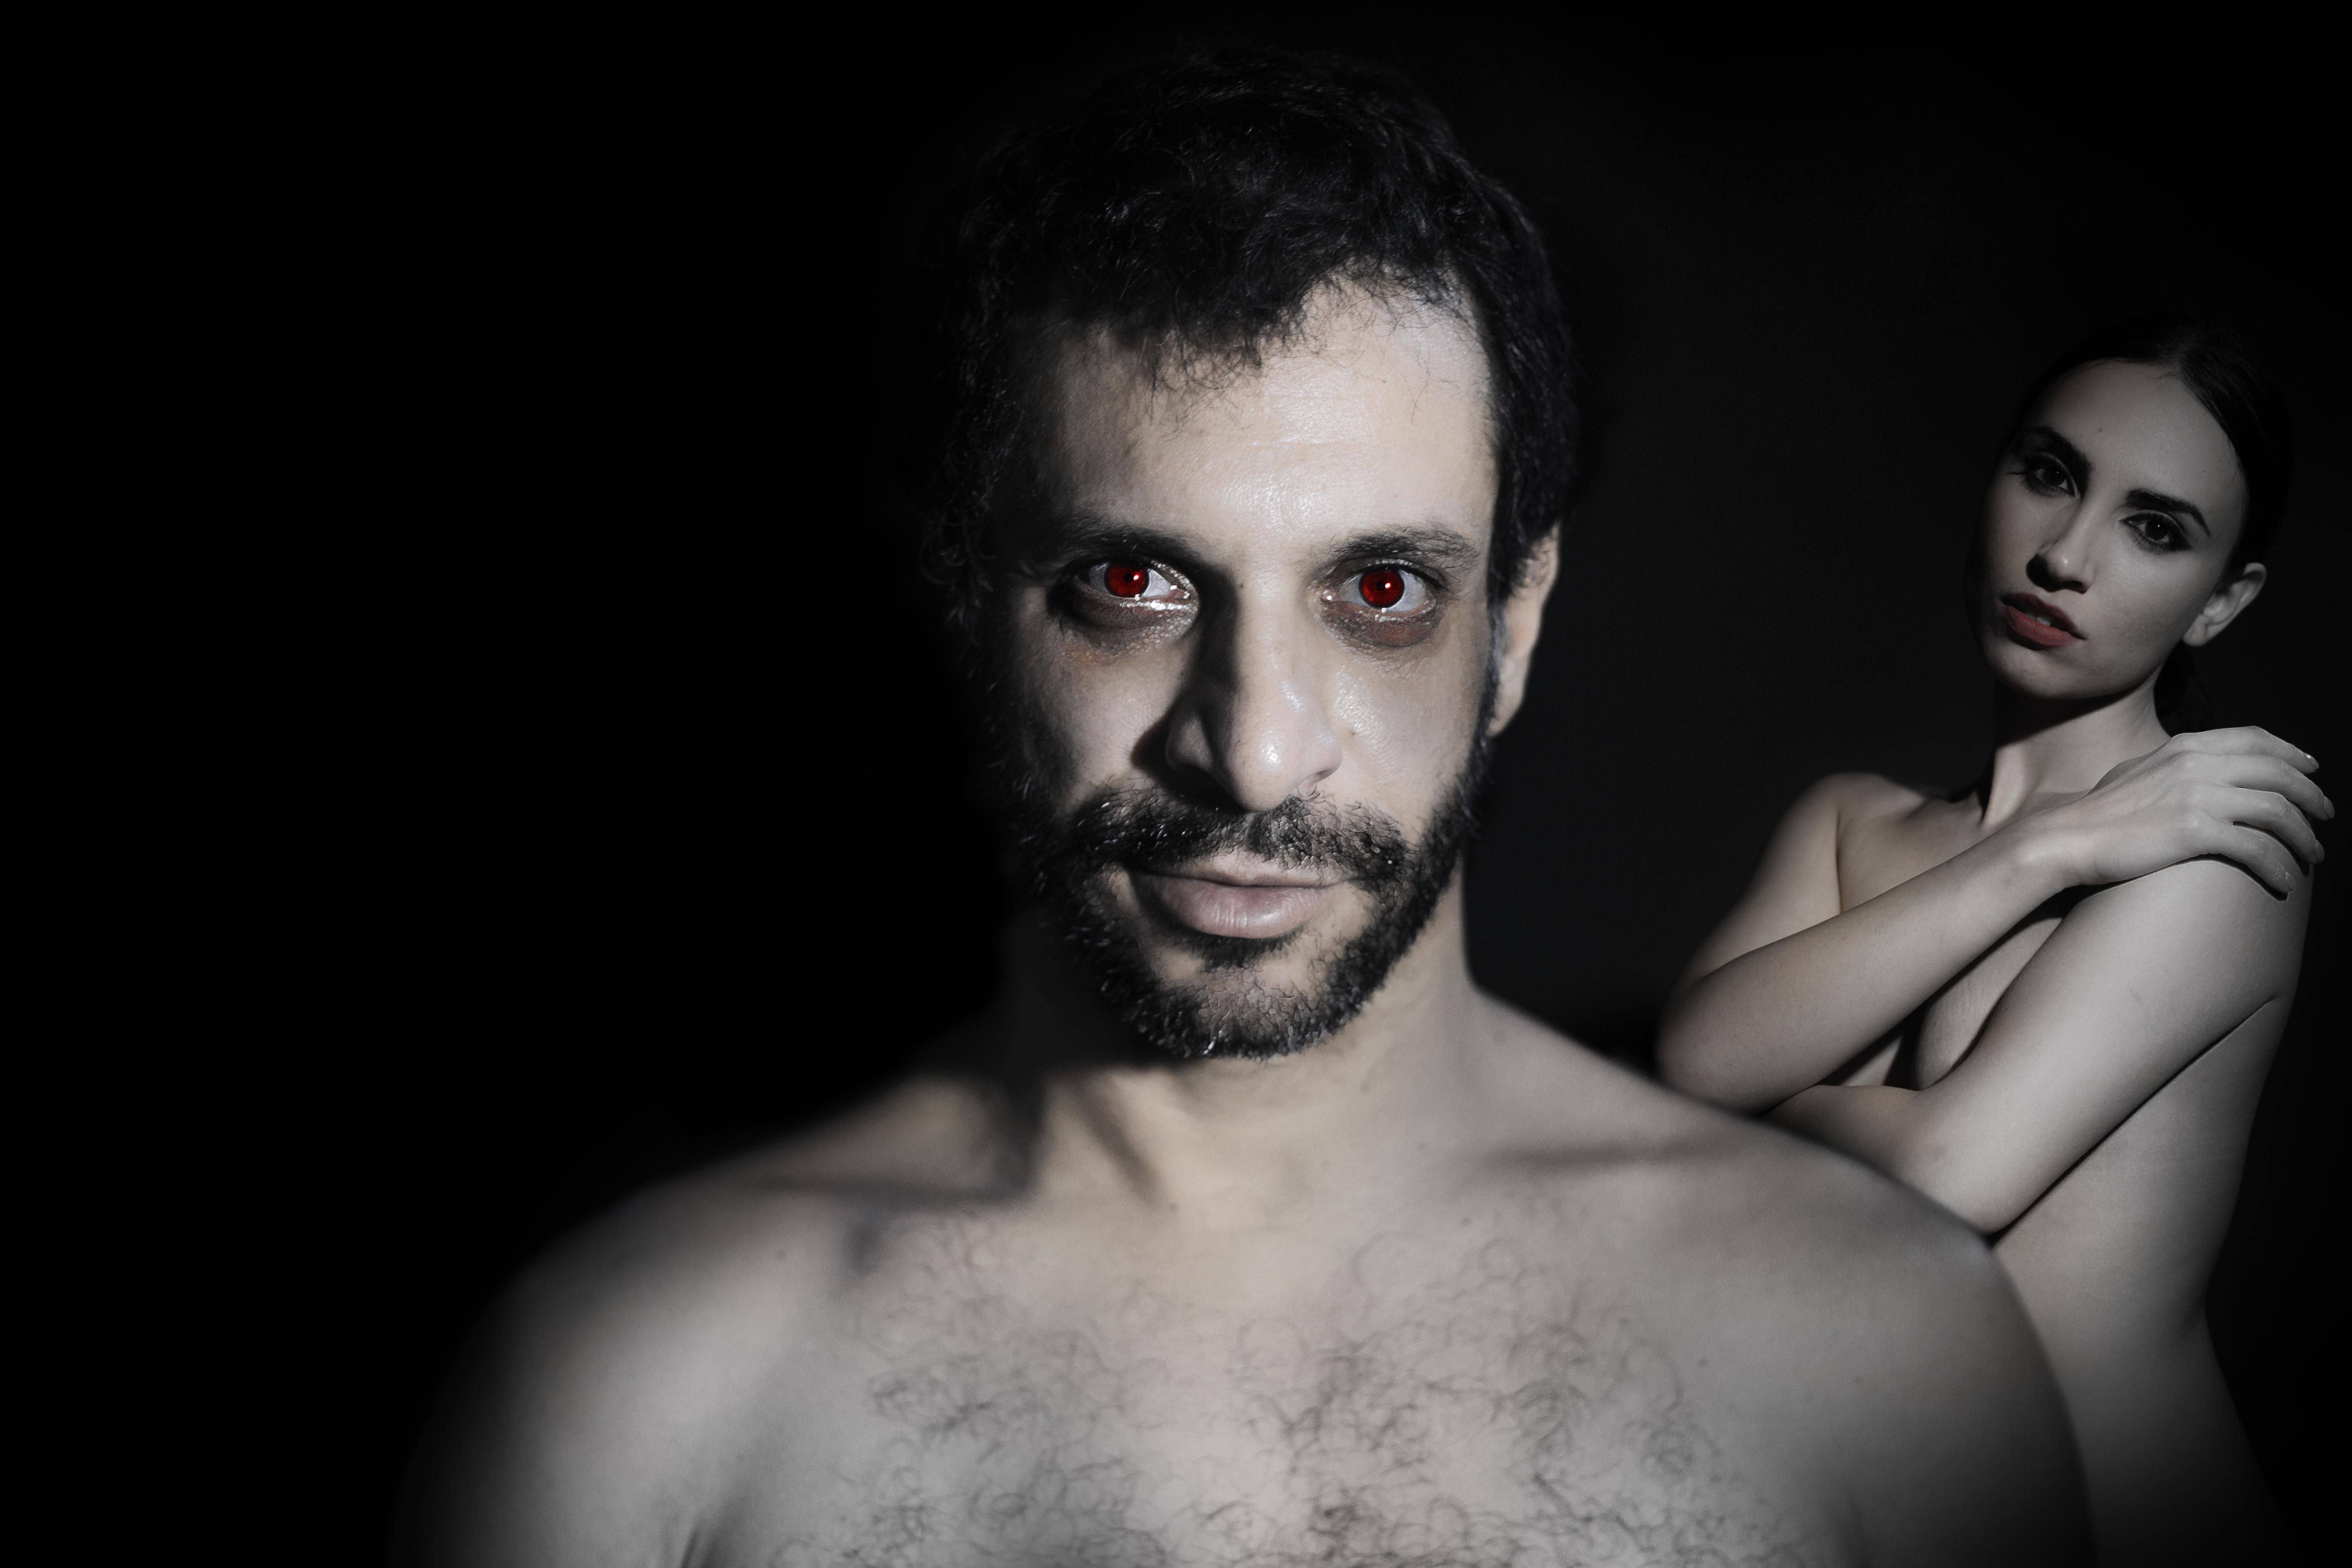 """Γιώργος Χρανιώτης: """"ο Θεός κι ο Διάβολος υπάρχουν μέσα μας"""""""